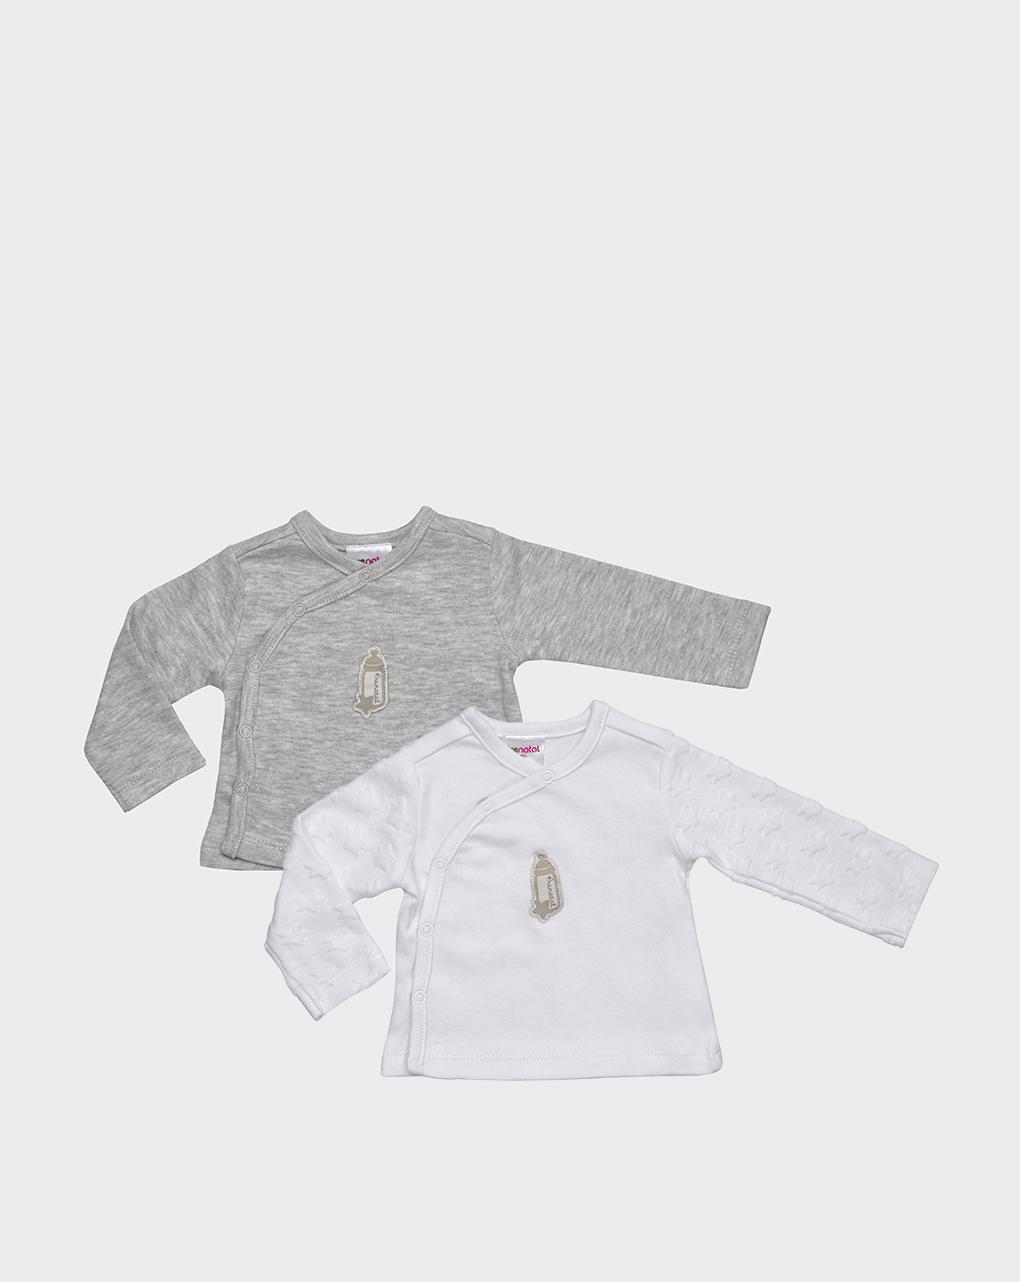 Μπλουζάκια x2 λευκό-γκρι unisex